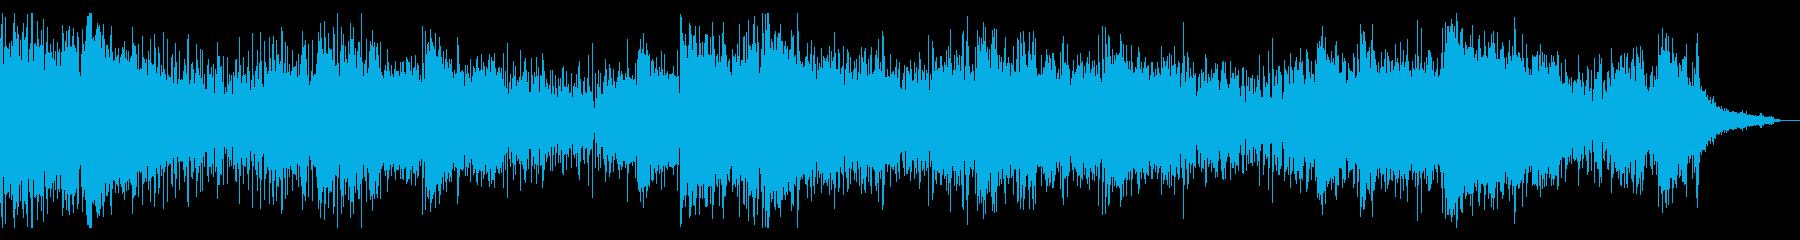 不思議な感触の捻れたIDMの再生済みの波形